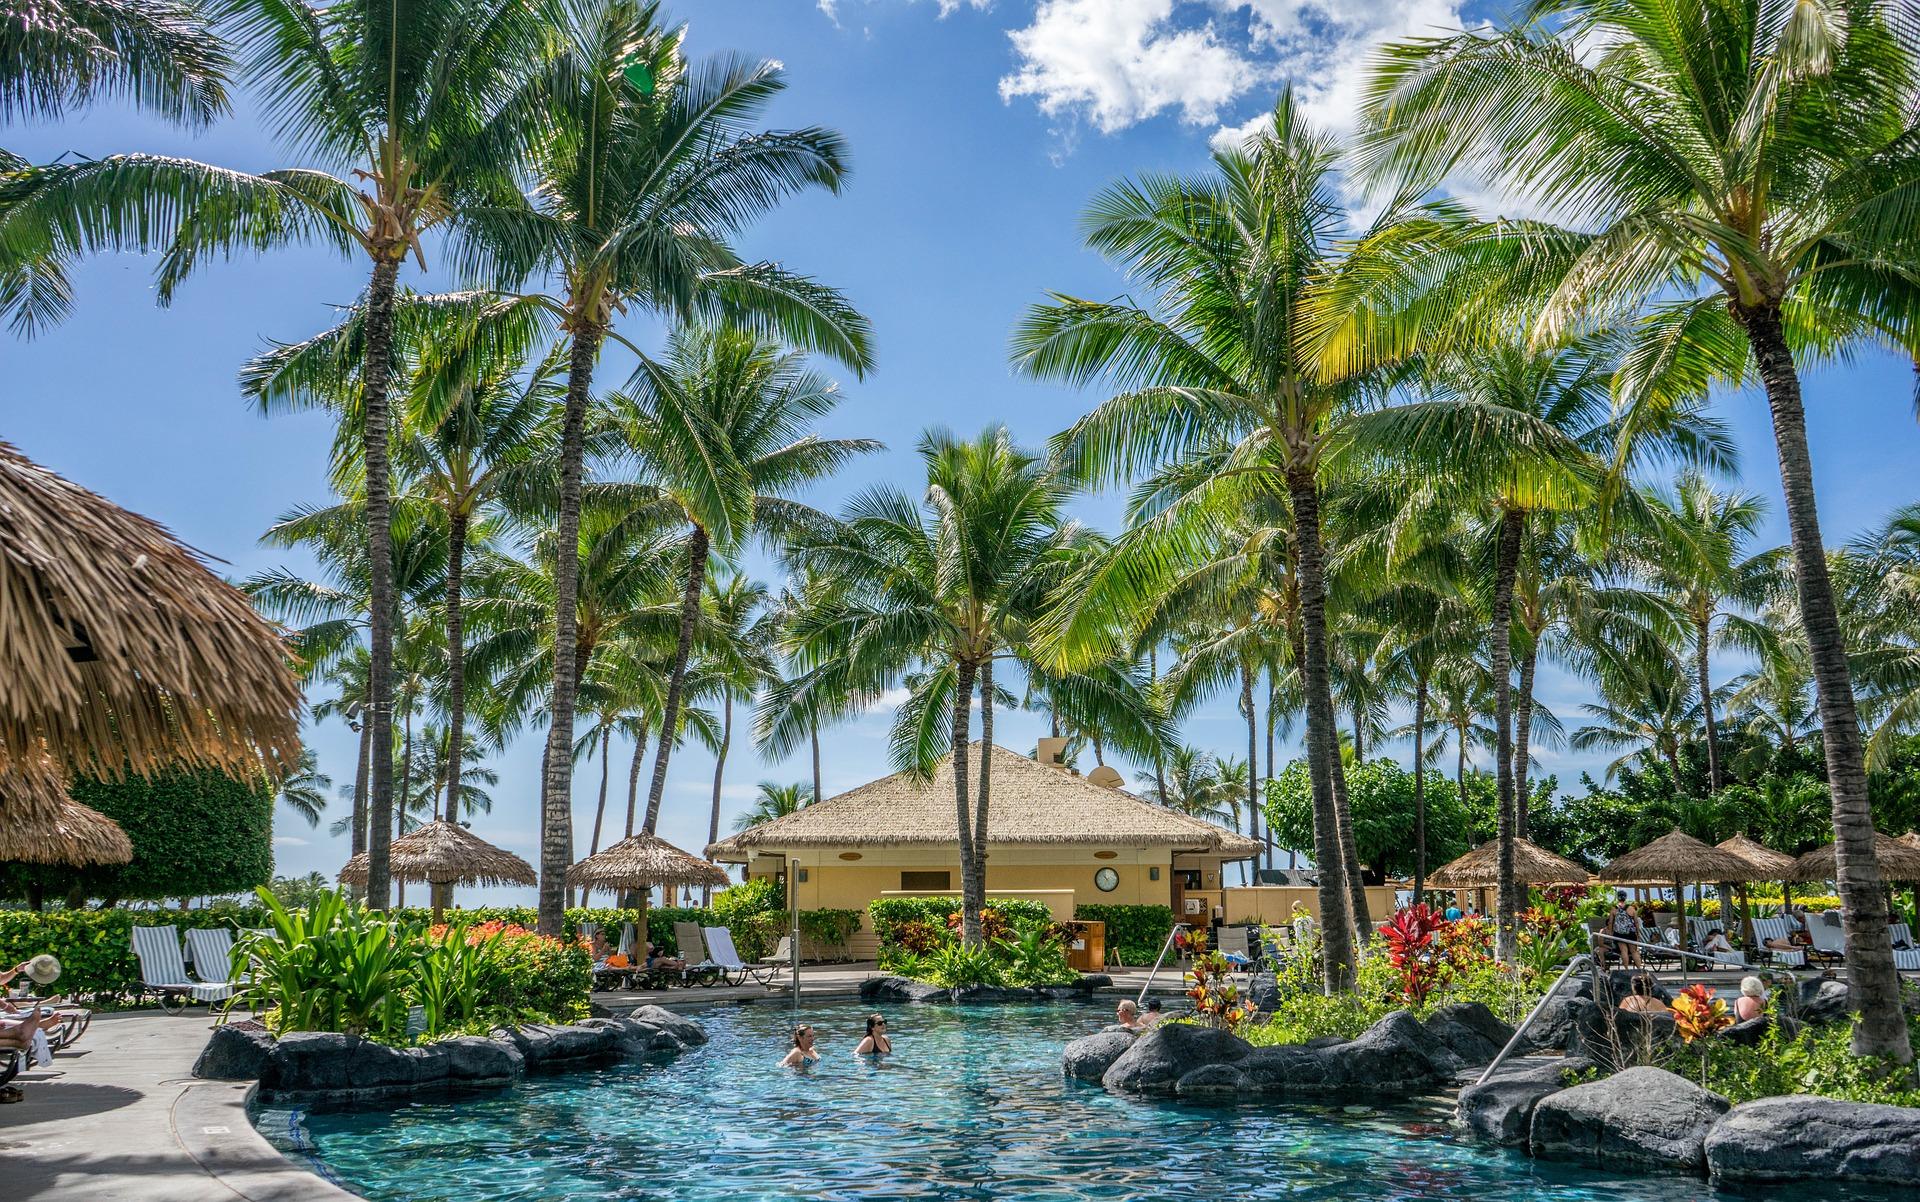 hawaii-1037043_1920.jpg